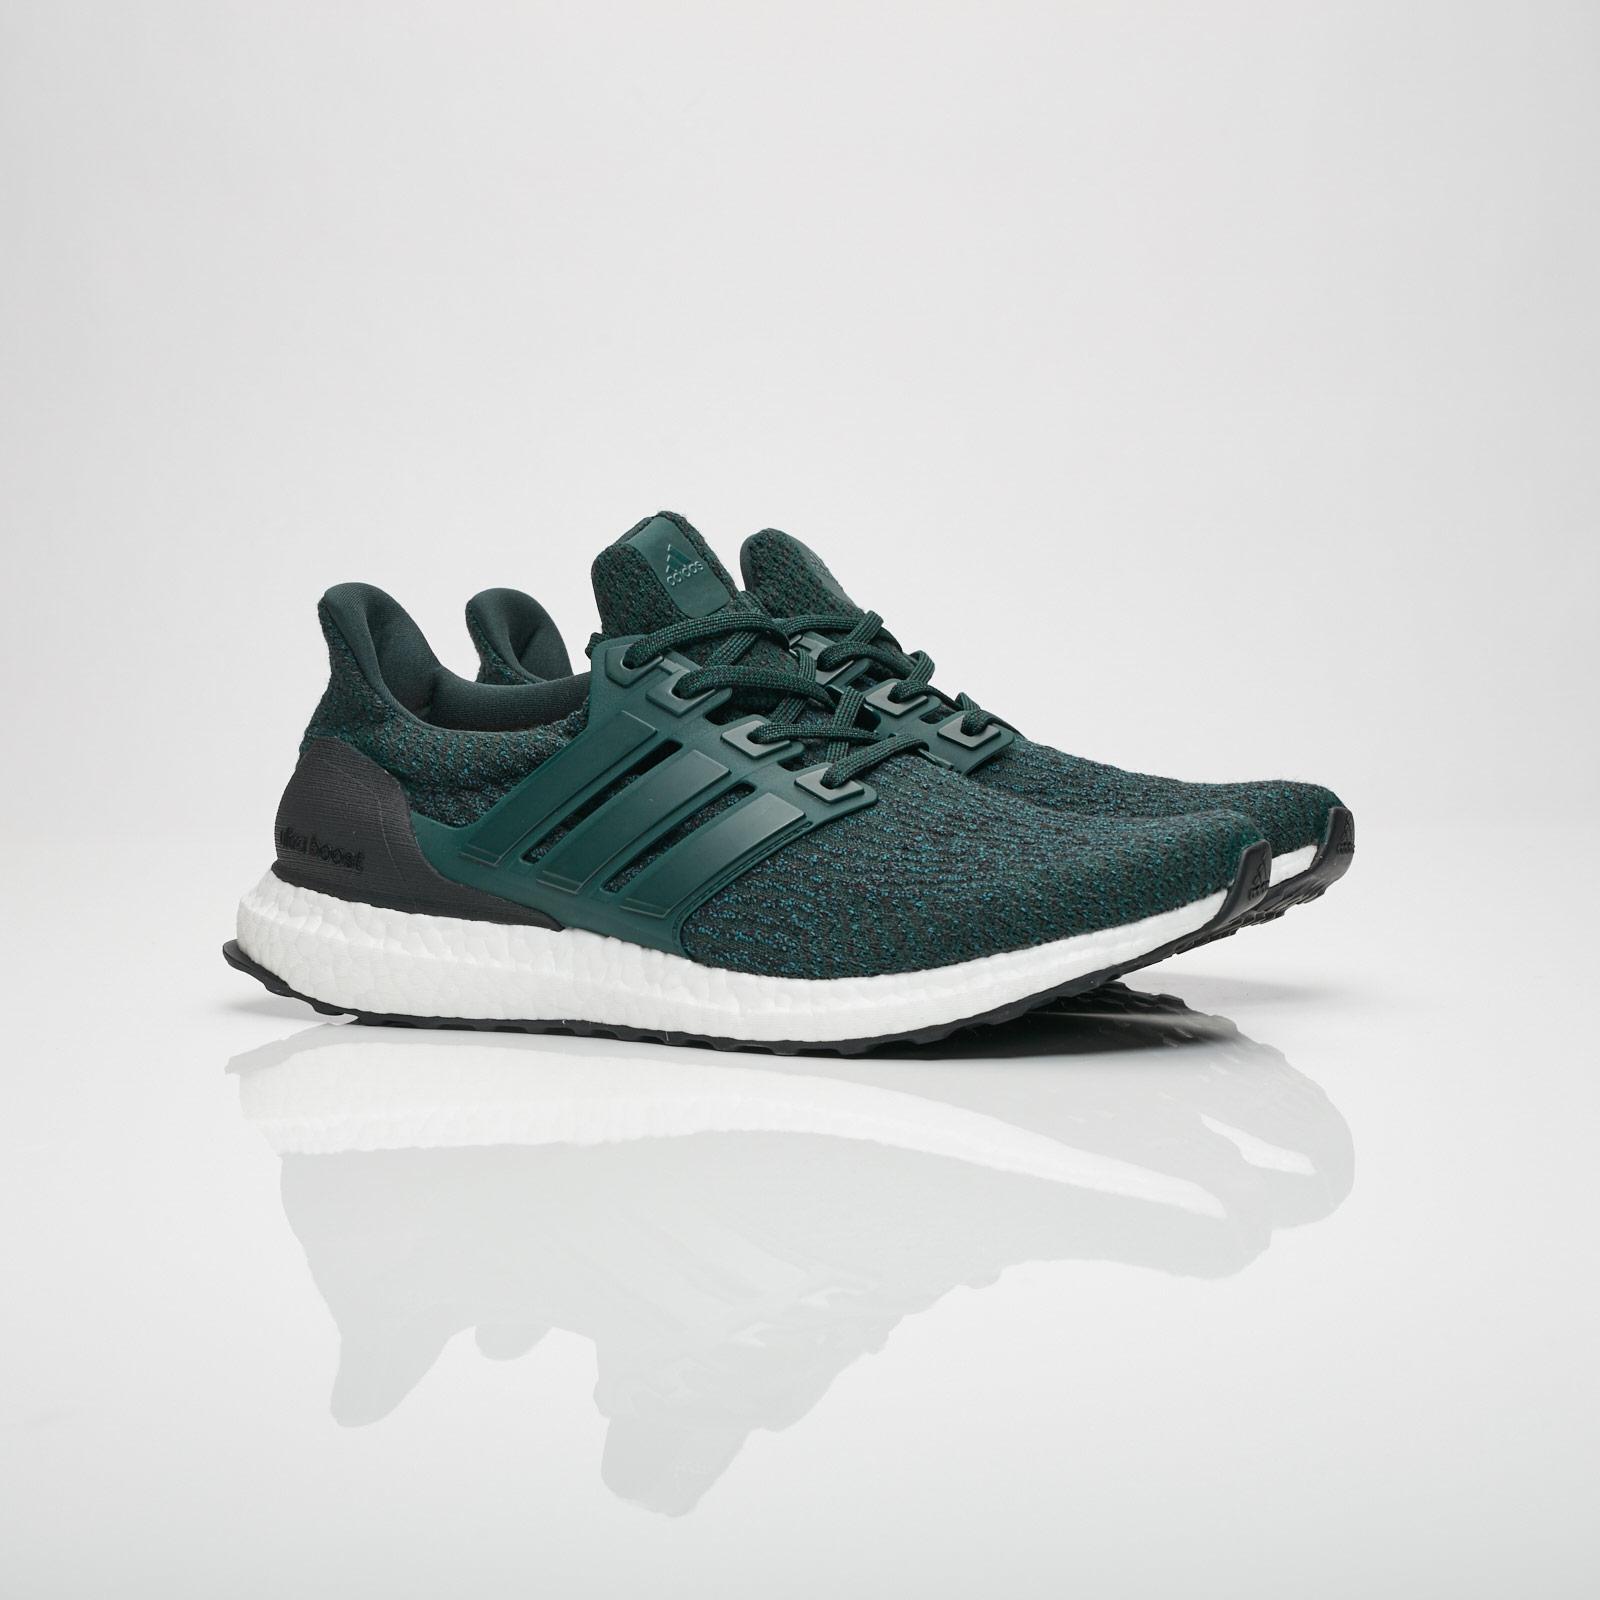 808436c412286 adidas UltraBoost - S82024 - Sneakersnstuff